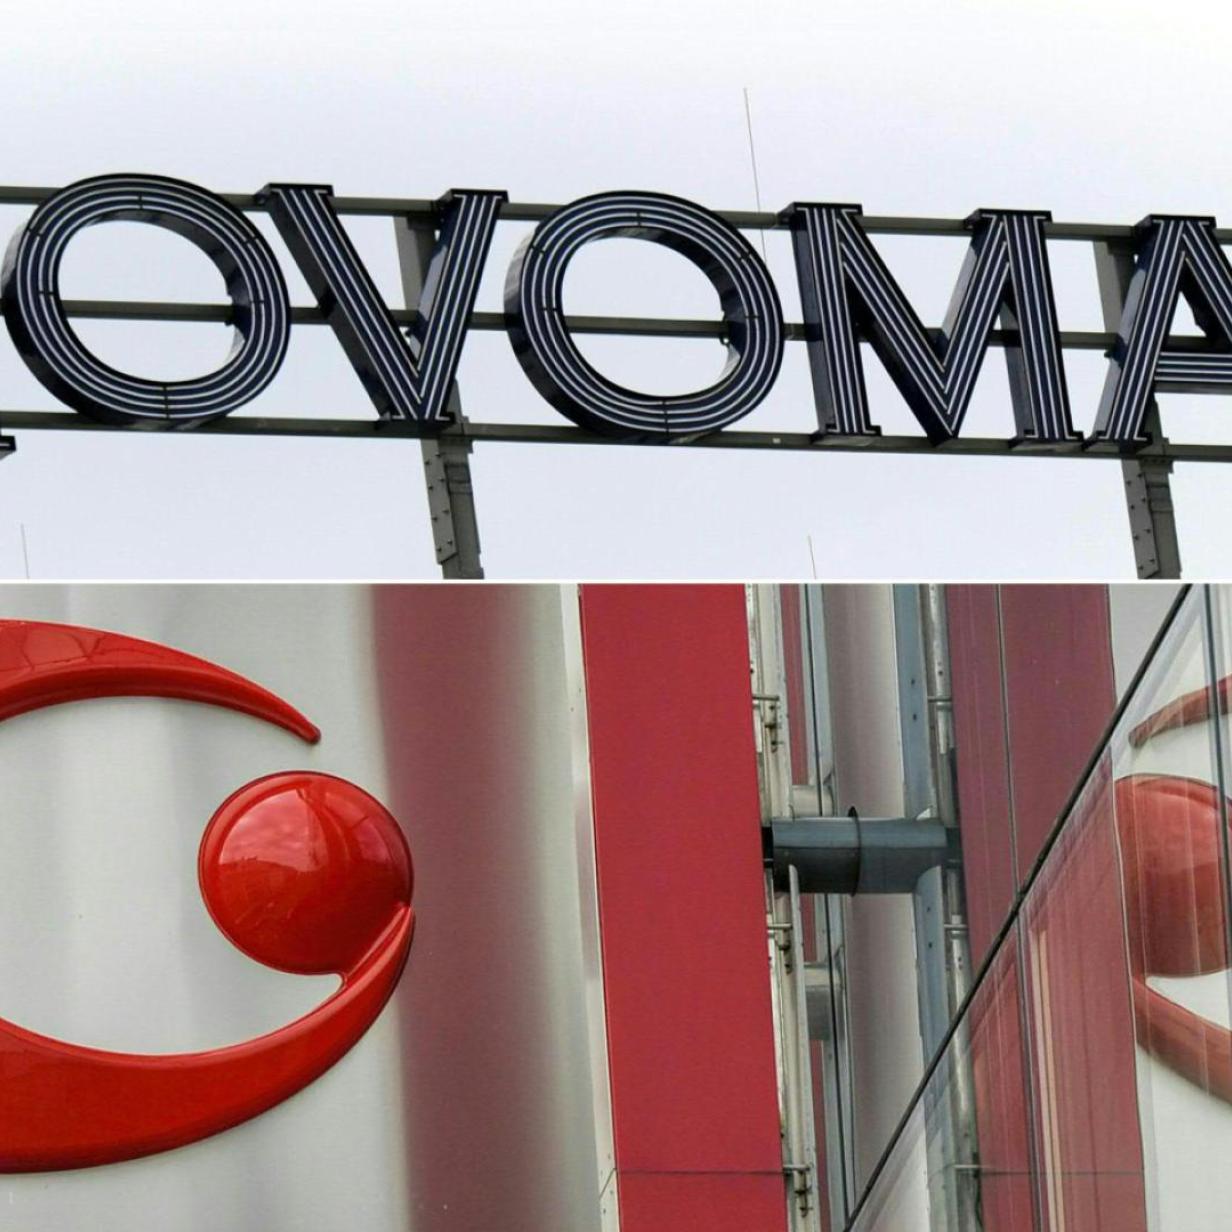 Casinos-Affäre: Grüne schießen sich auf Novomatic ein